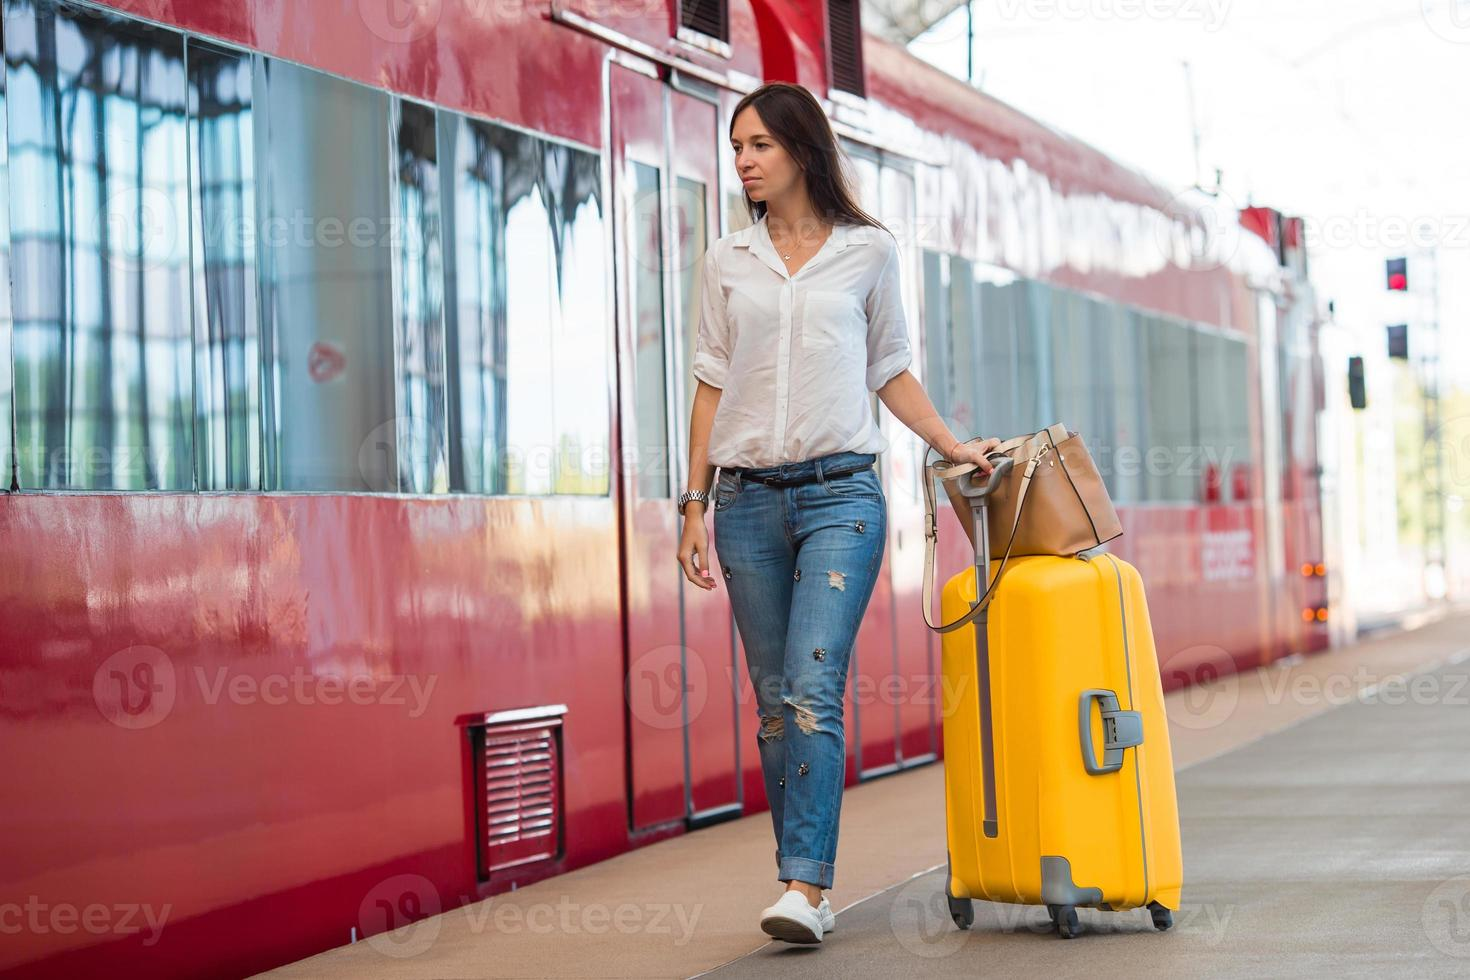 giovane donna felice con i bagagli in una stazione ferroviaria foto